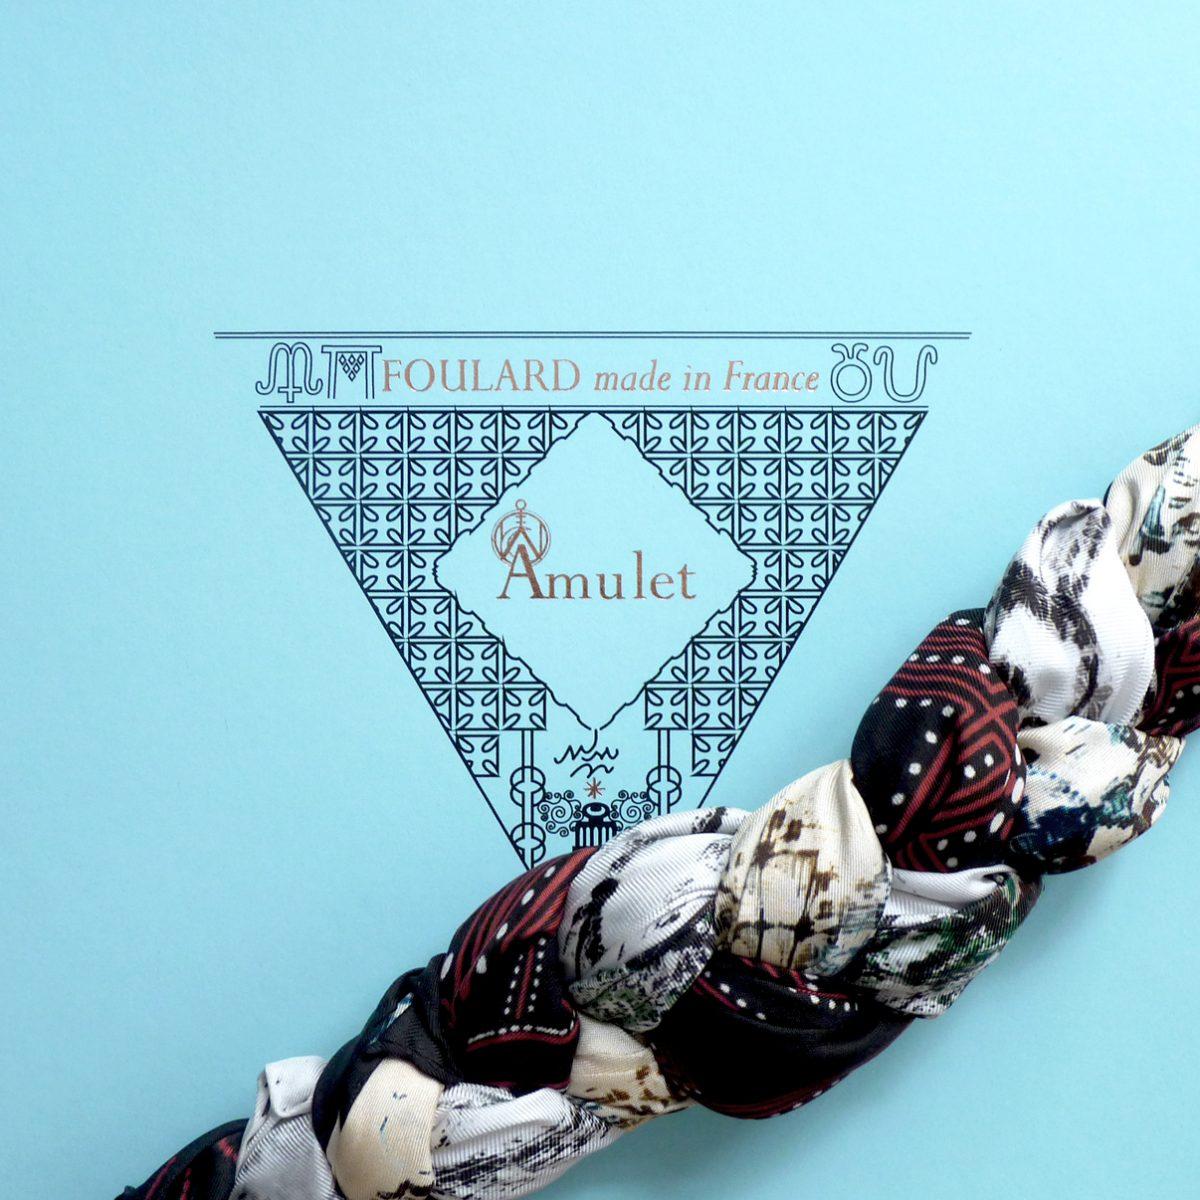 tresser-sa-voie-âmulet-colliers-de-soie-amuletfoulard-box-trend-astuces-style